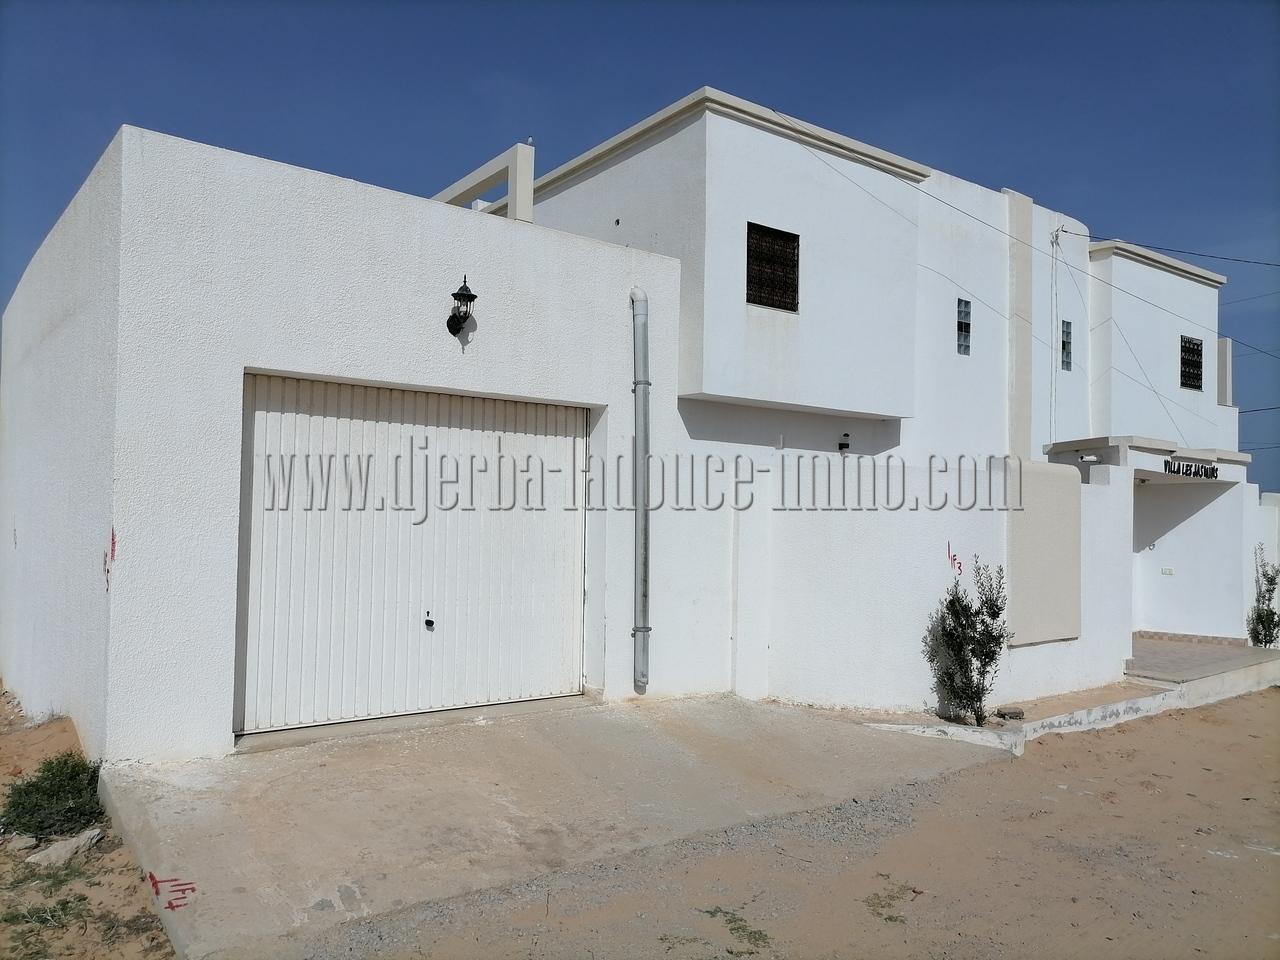 Maison à louer à l'année  sans meuble à Djerba Midoun Temlel route de Tézdaine